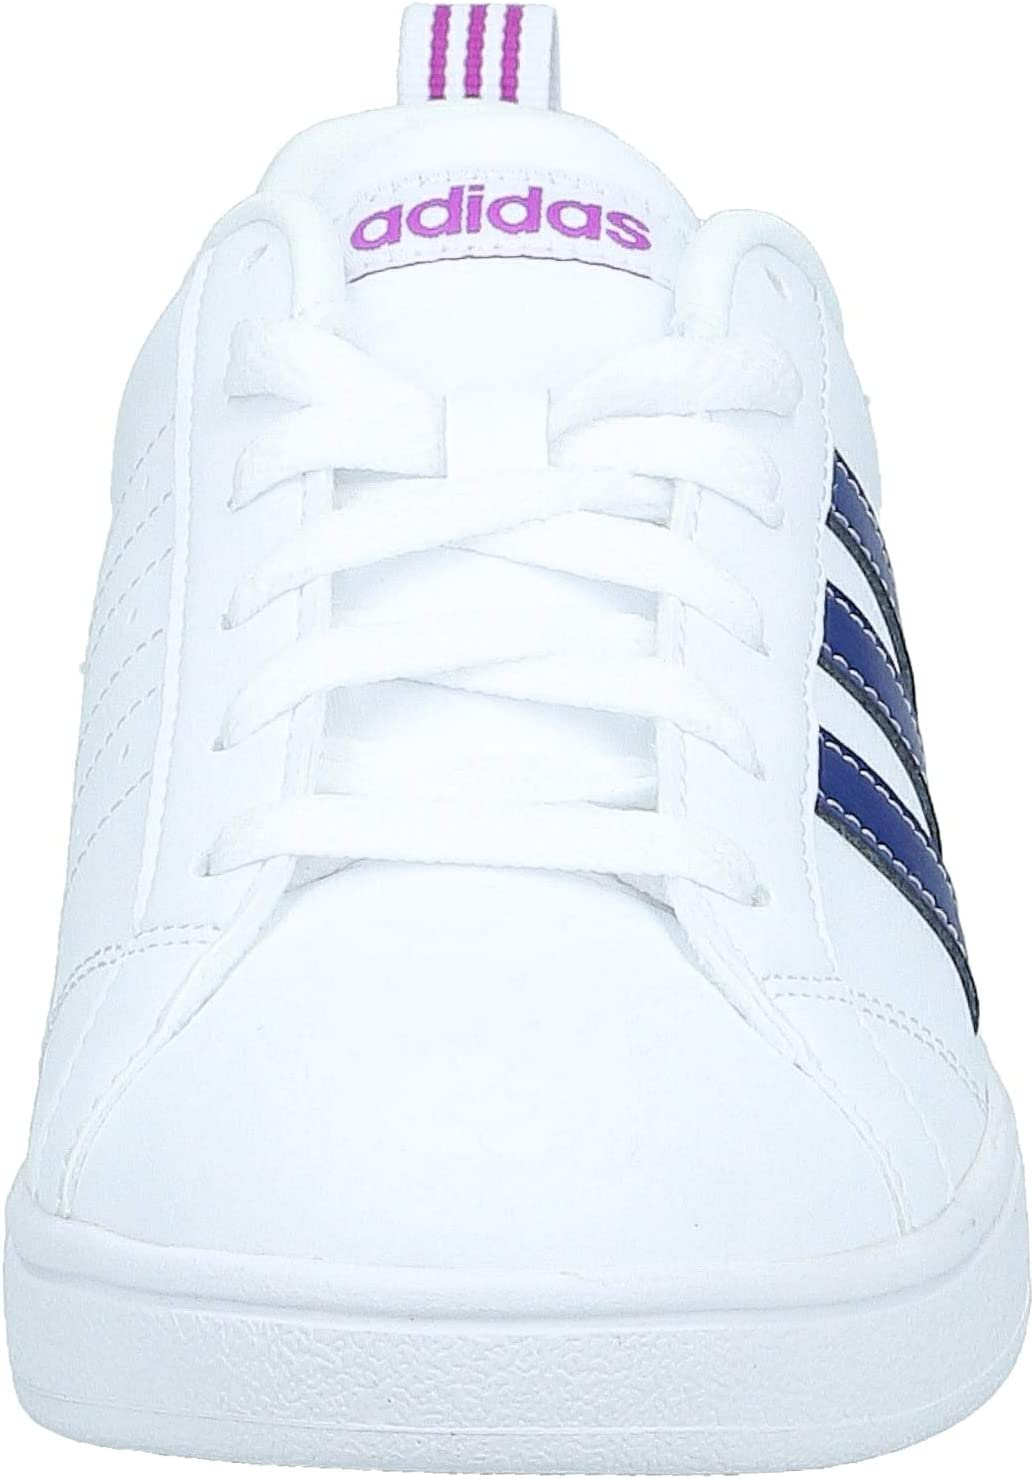 Nadie Elegibilidad longitud  Adidas Tenis VS Advantage BB9620 para Mujer, Color Blanco, Talla 22.5:  Amazon.com.mx: Ropa, Zapatos y Accesorios